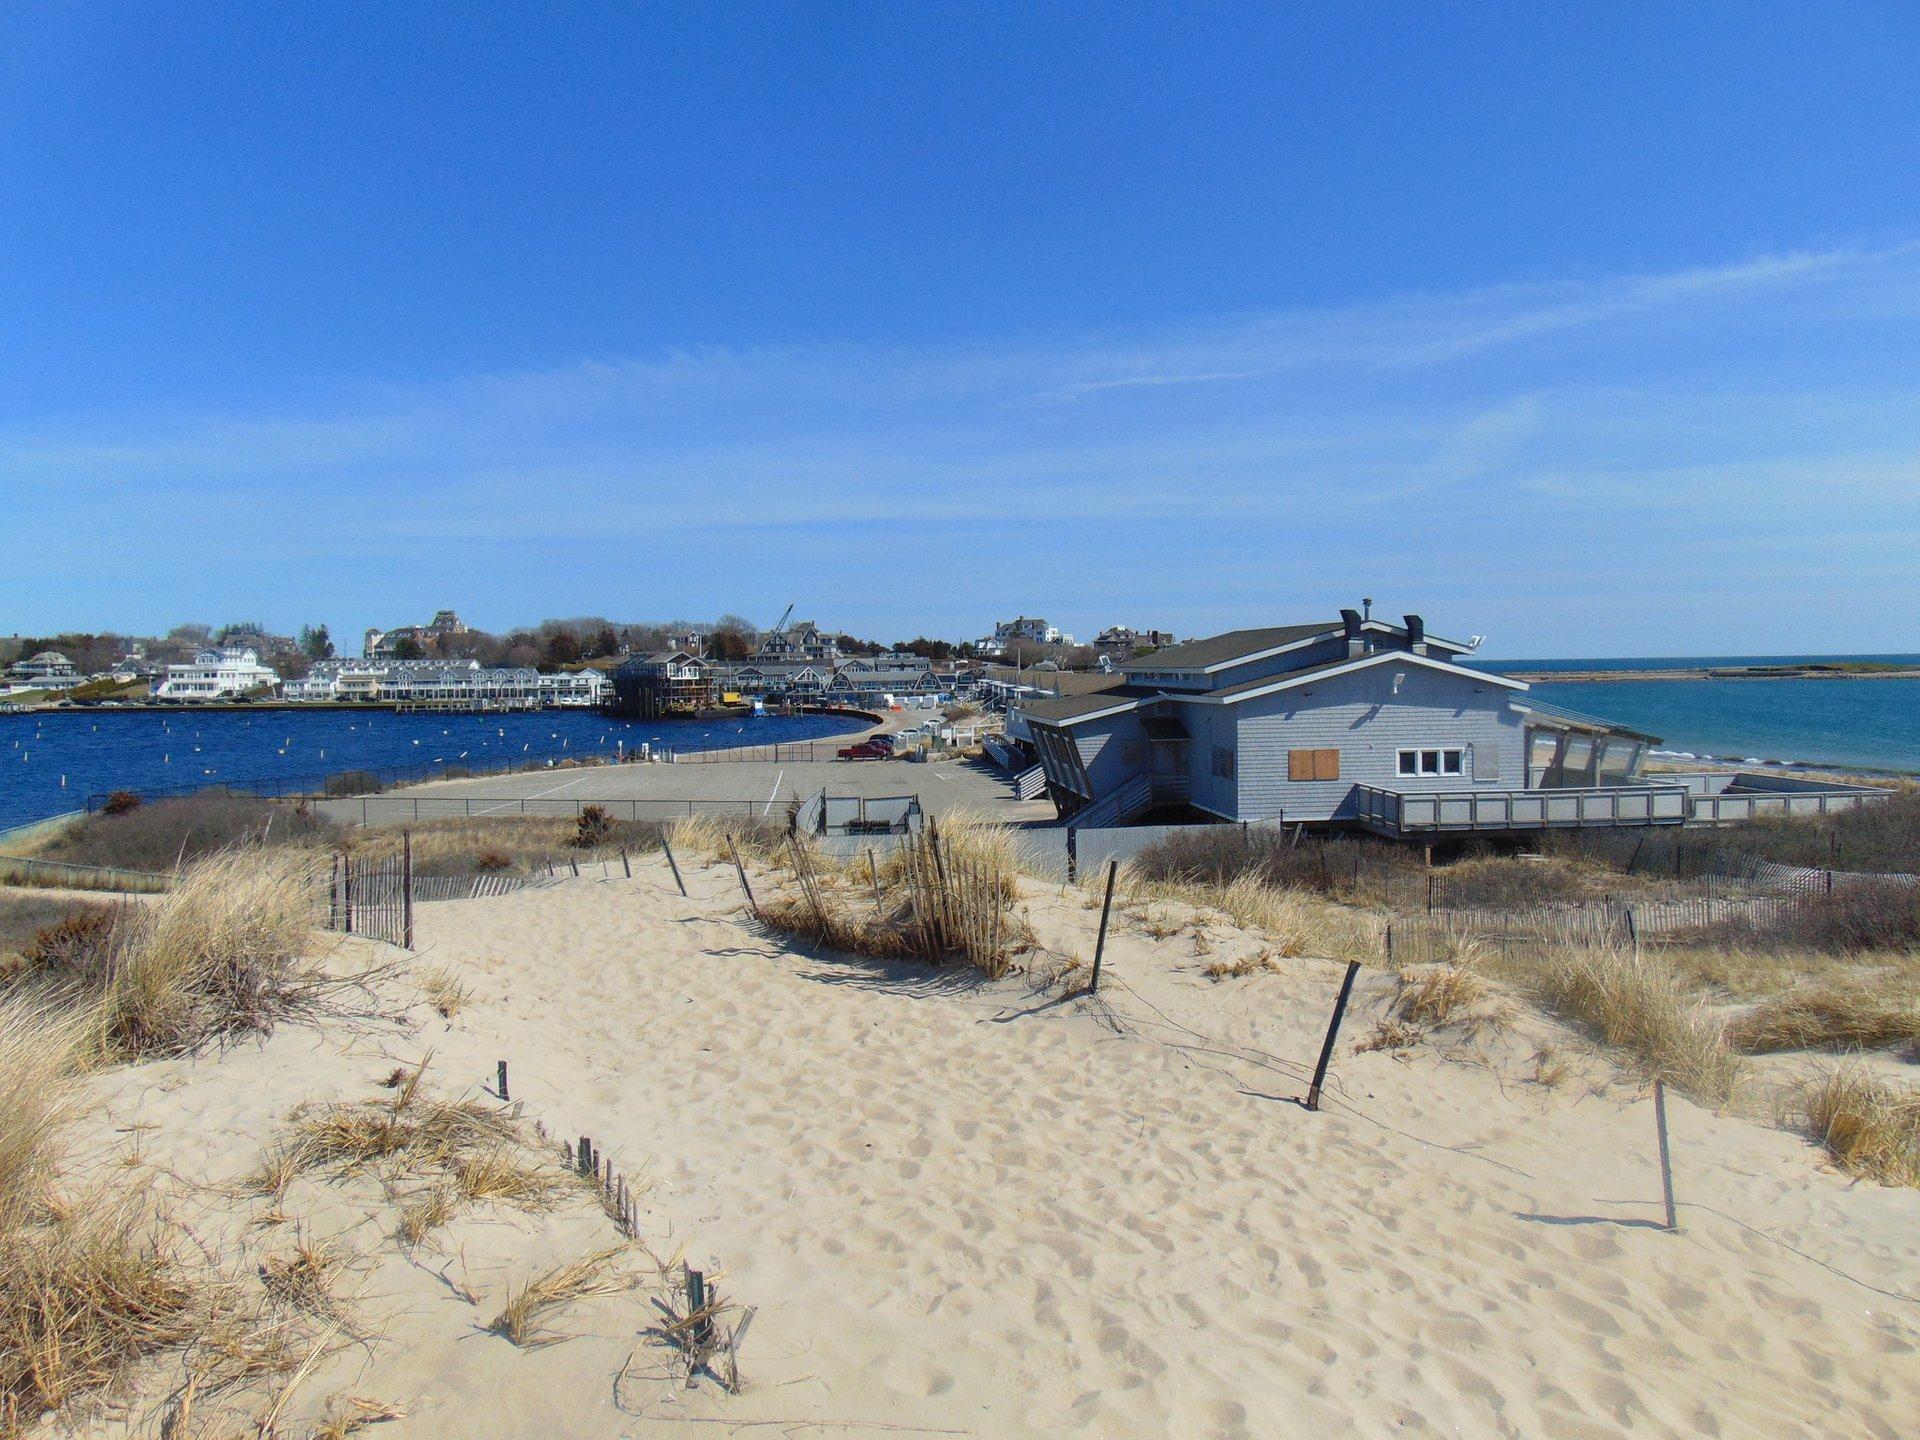 Beach Season in Rhode Island 2020 - Best Time